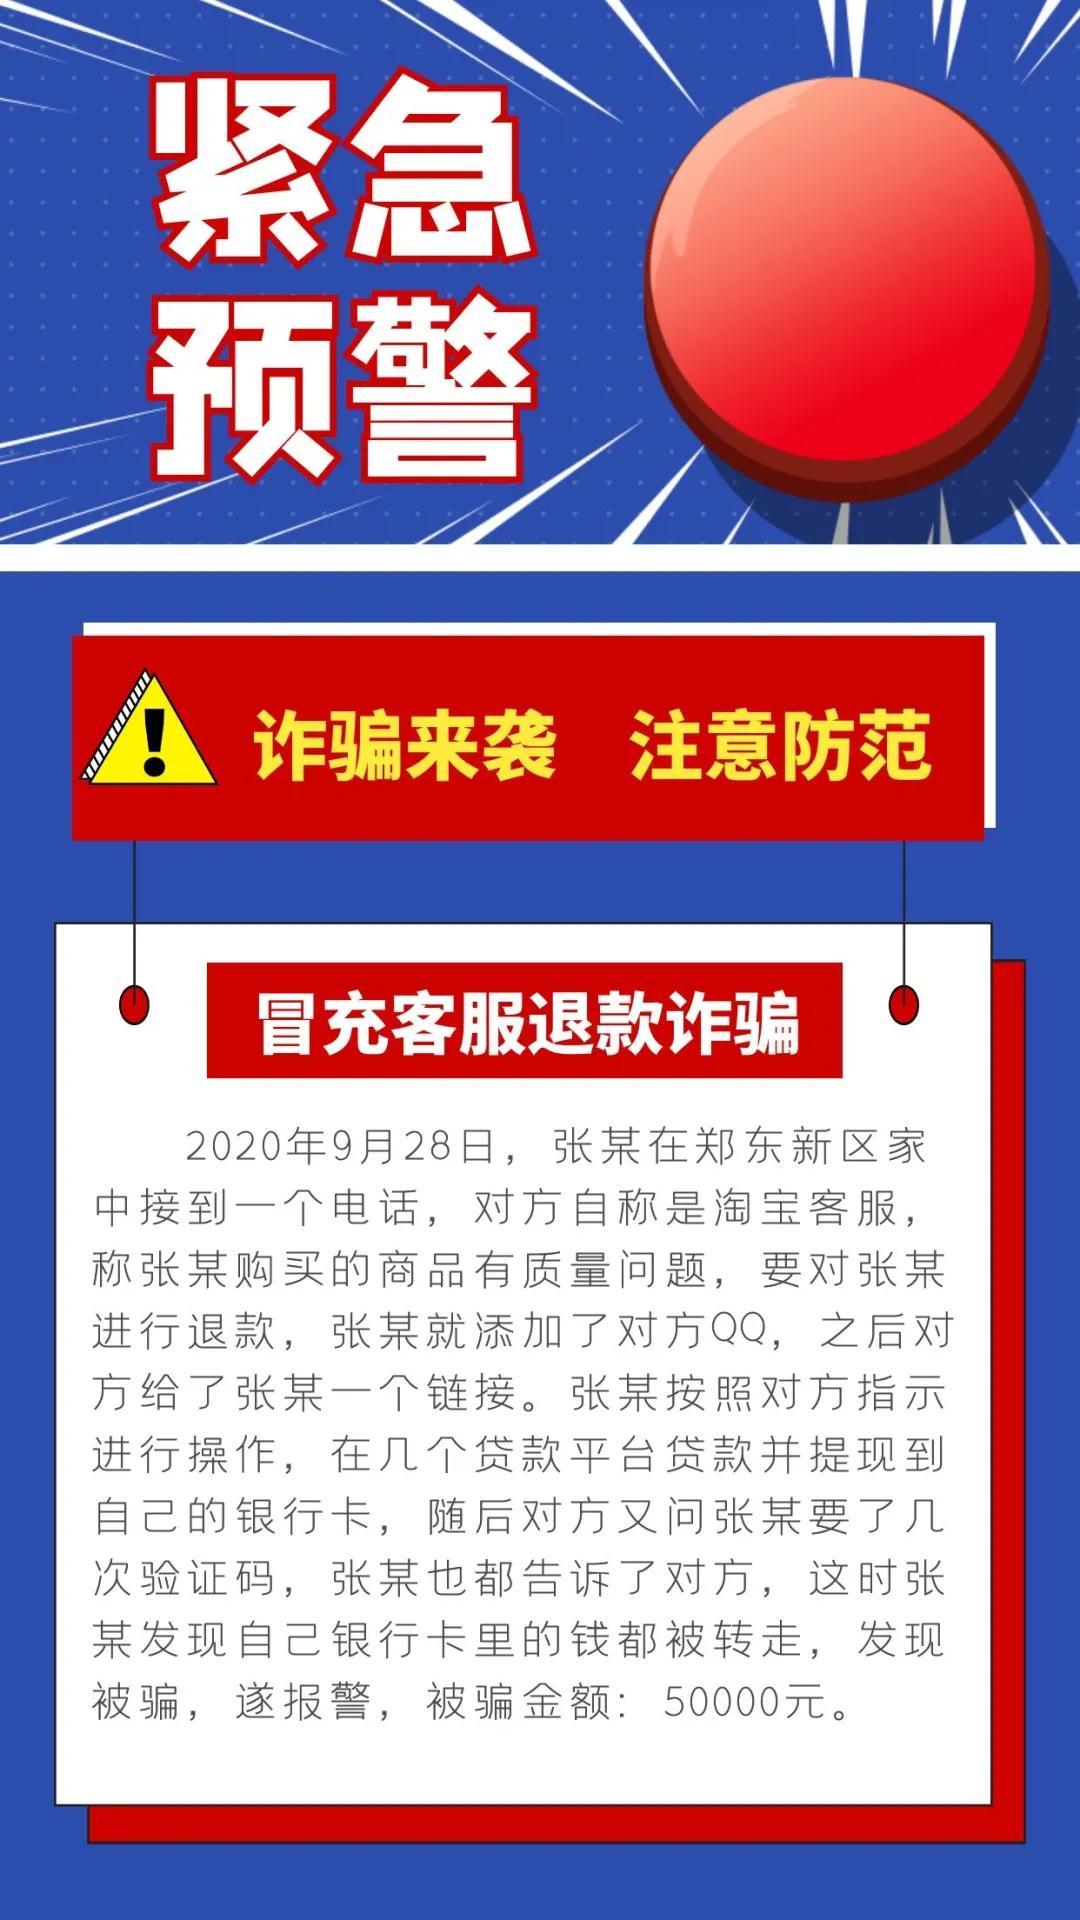 紧急预警丨这类骗局高发,河南已有多人被骗! - 邓州门户网|邓州网 - 微信图片_20201017144042.jpg